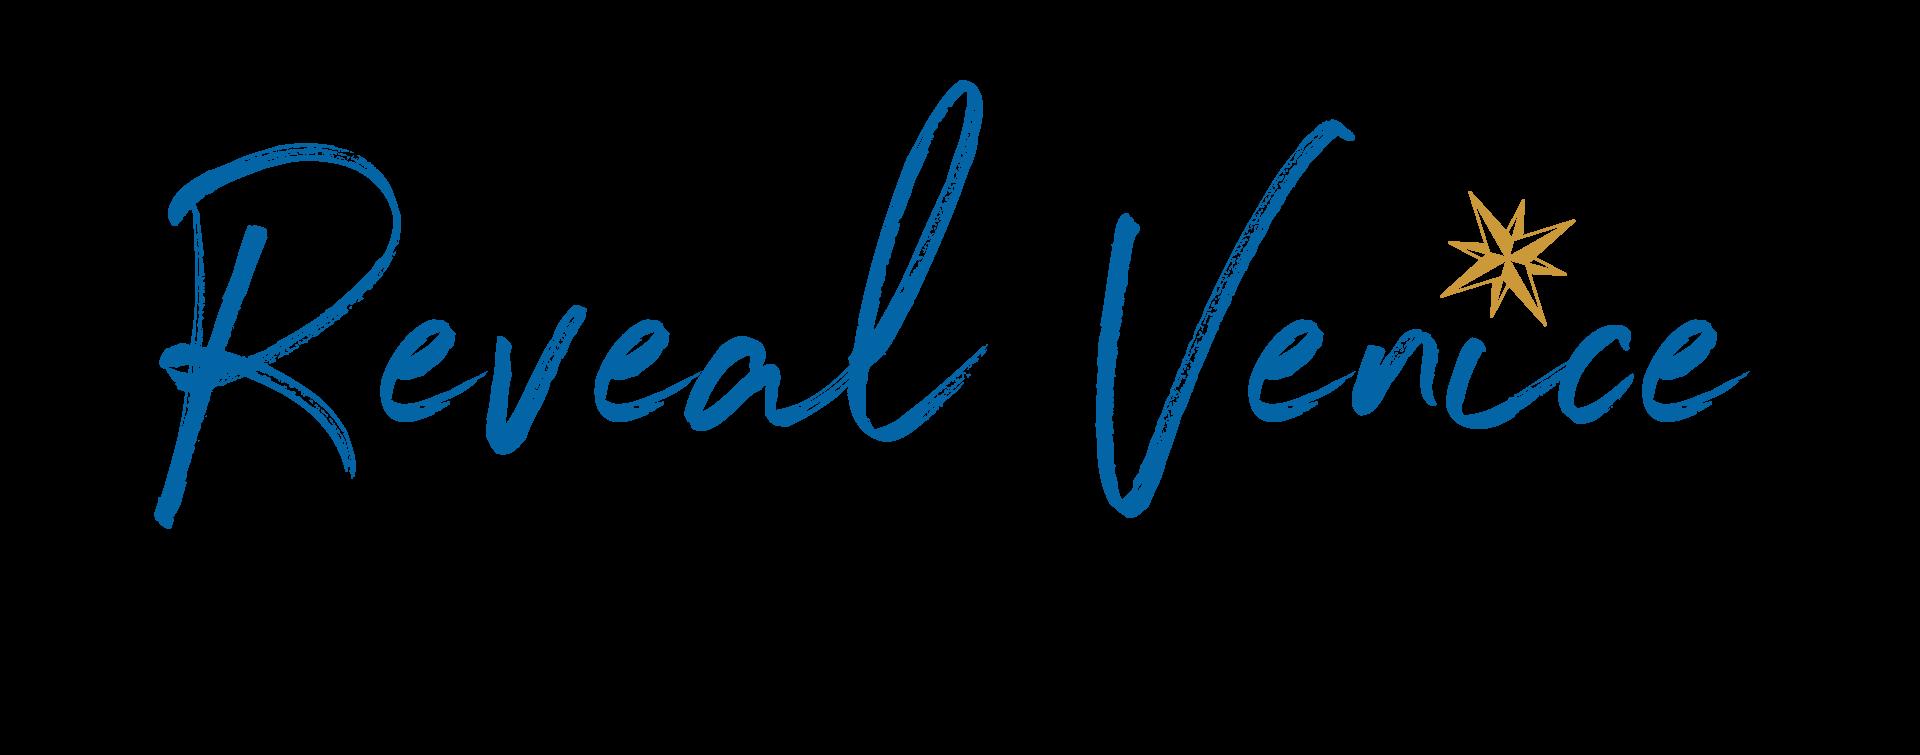 Reveal Venice